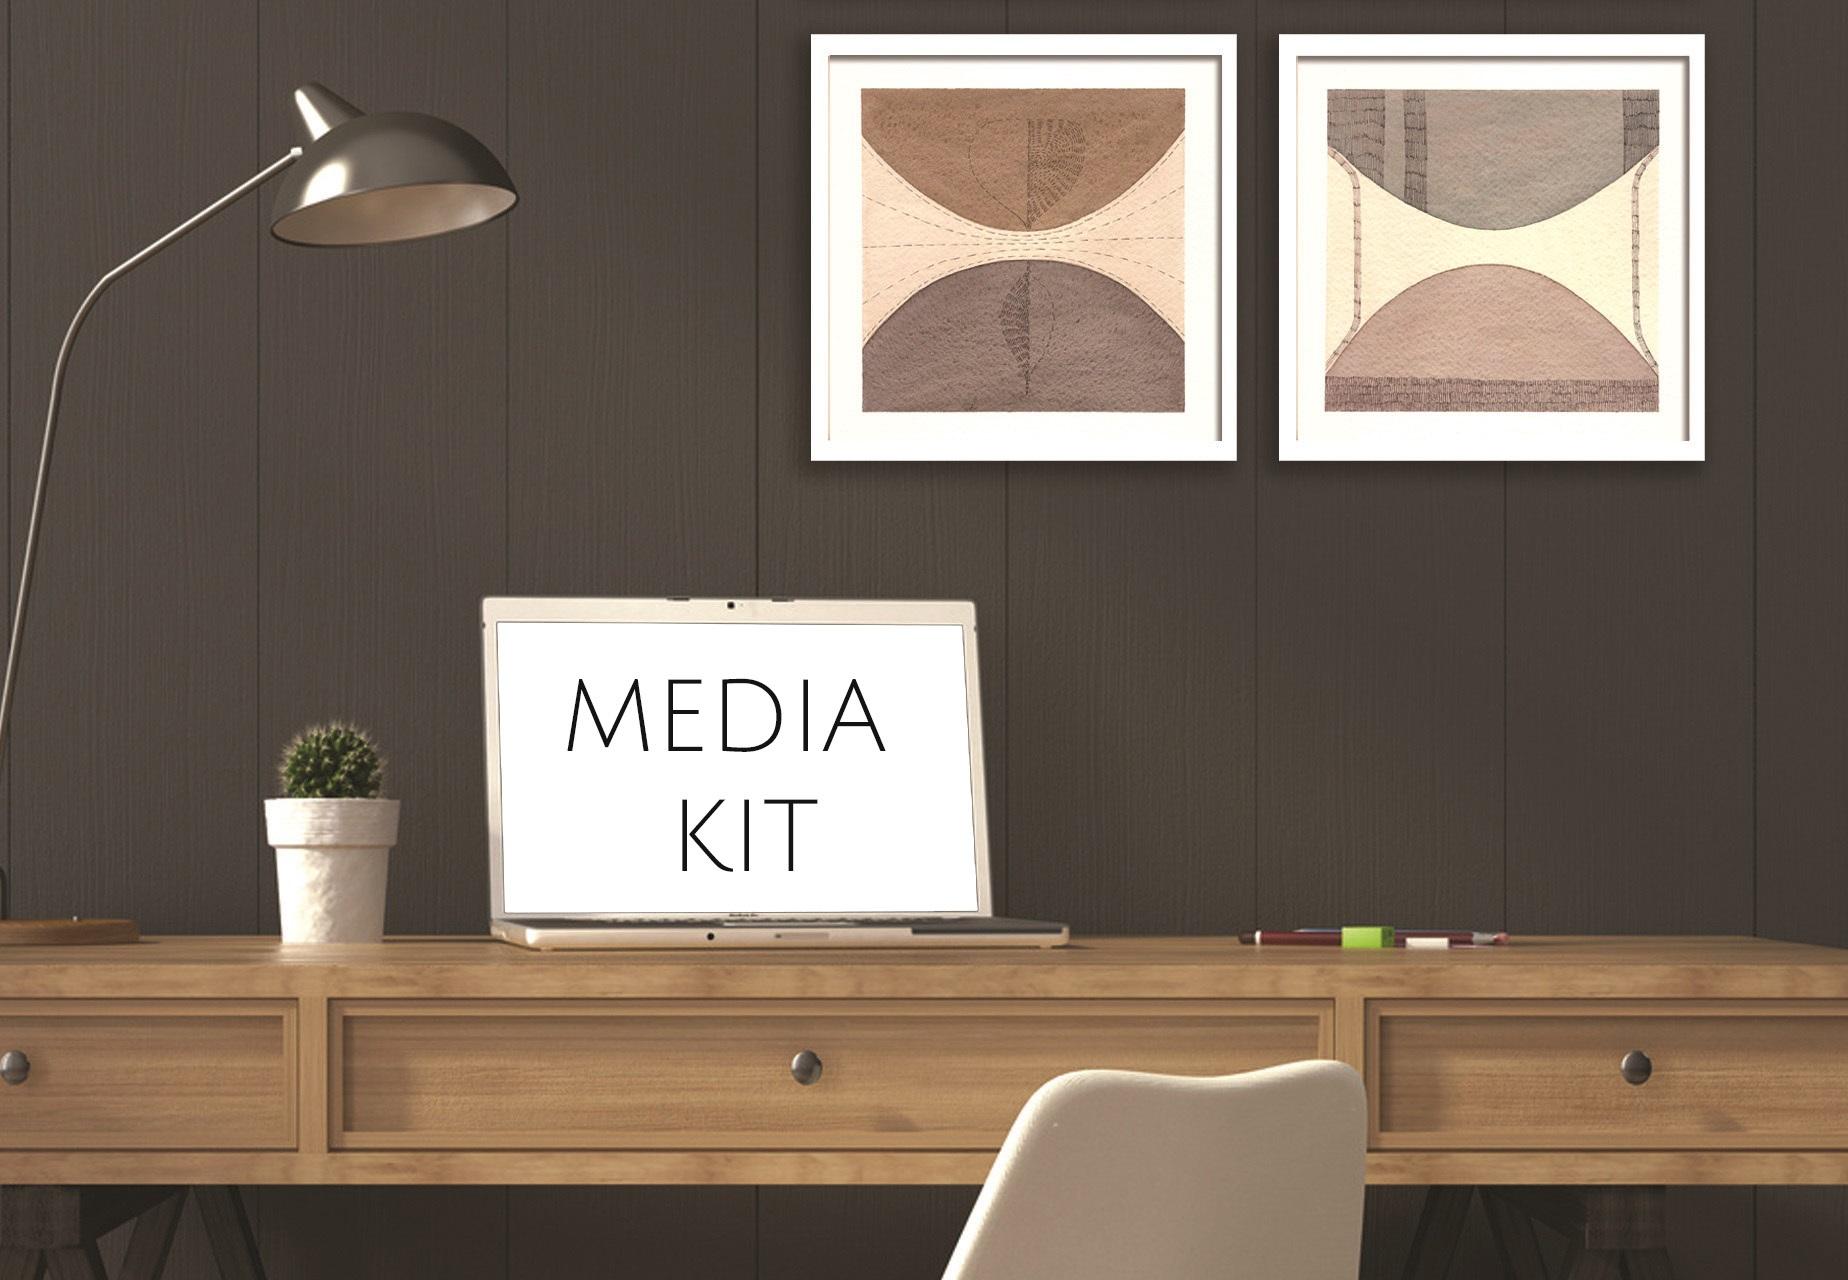 MEDIA KIT - Copia.jpg